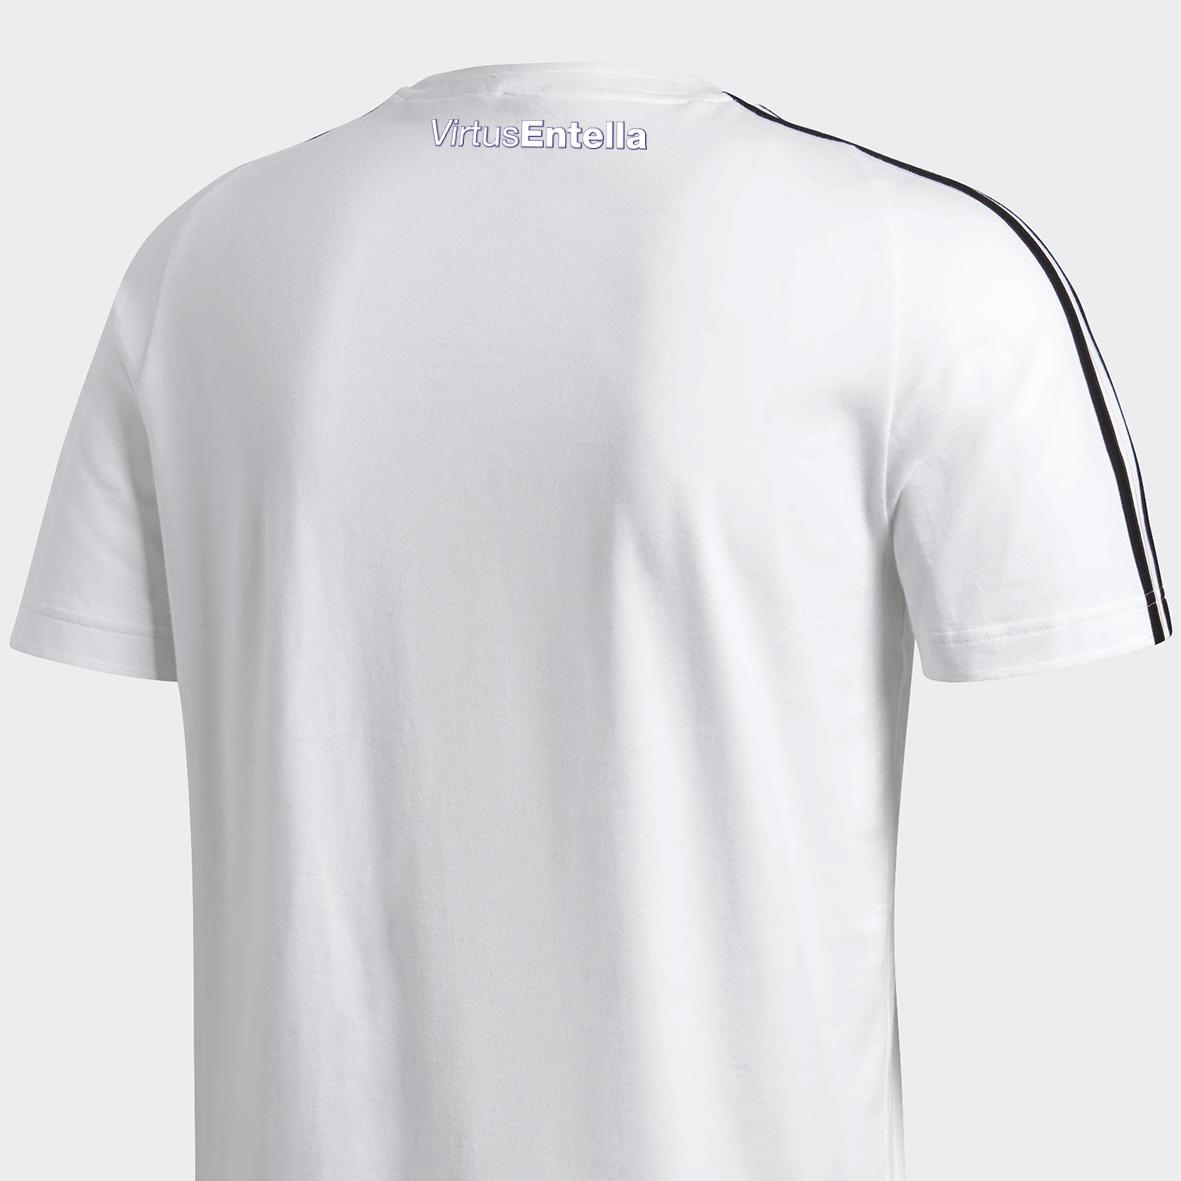 T-shirt ADIDAS Bianca 3s - Virtus Entella Store